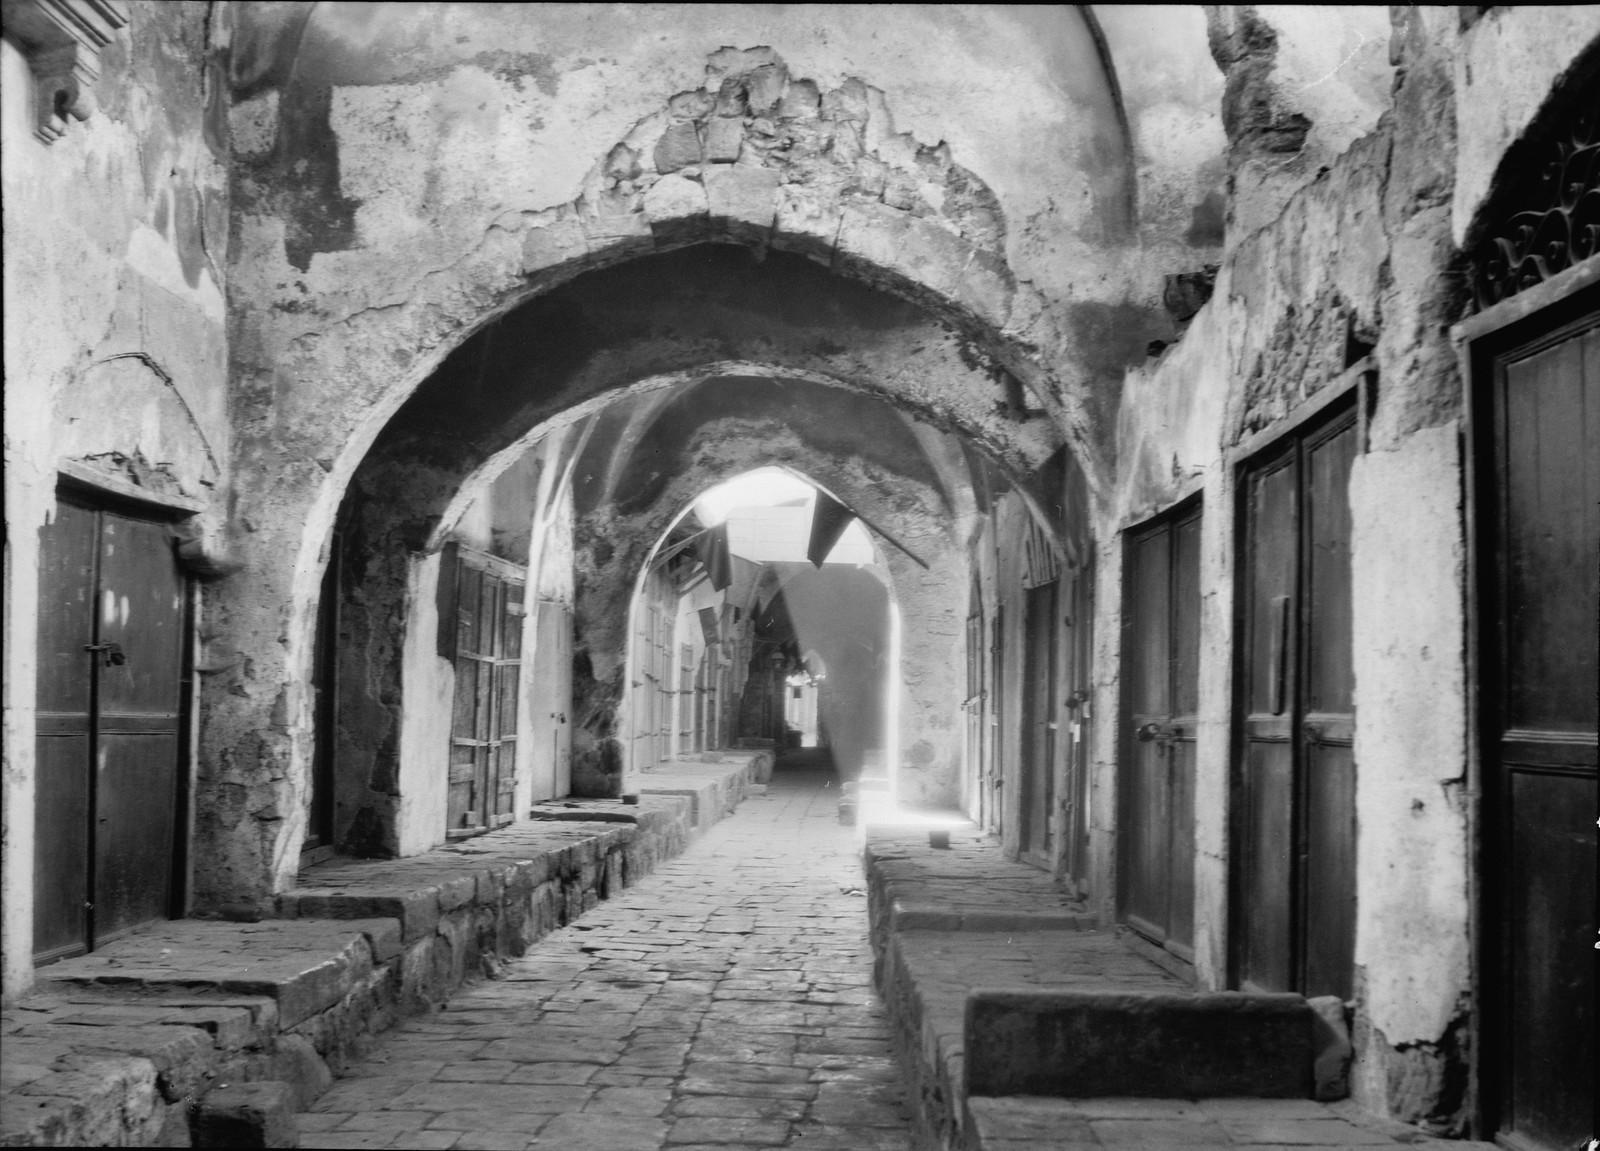 05. Иерусалим. Запертые ювелирные лавки во время всеобщей арабской забастовки